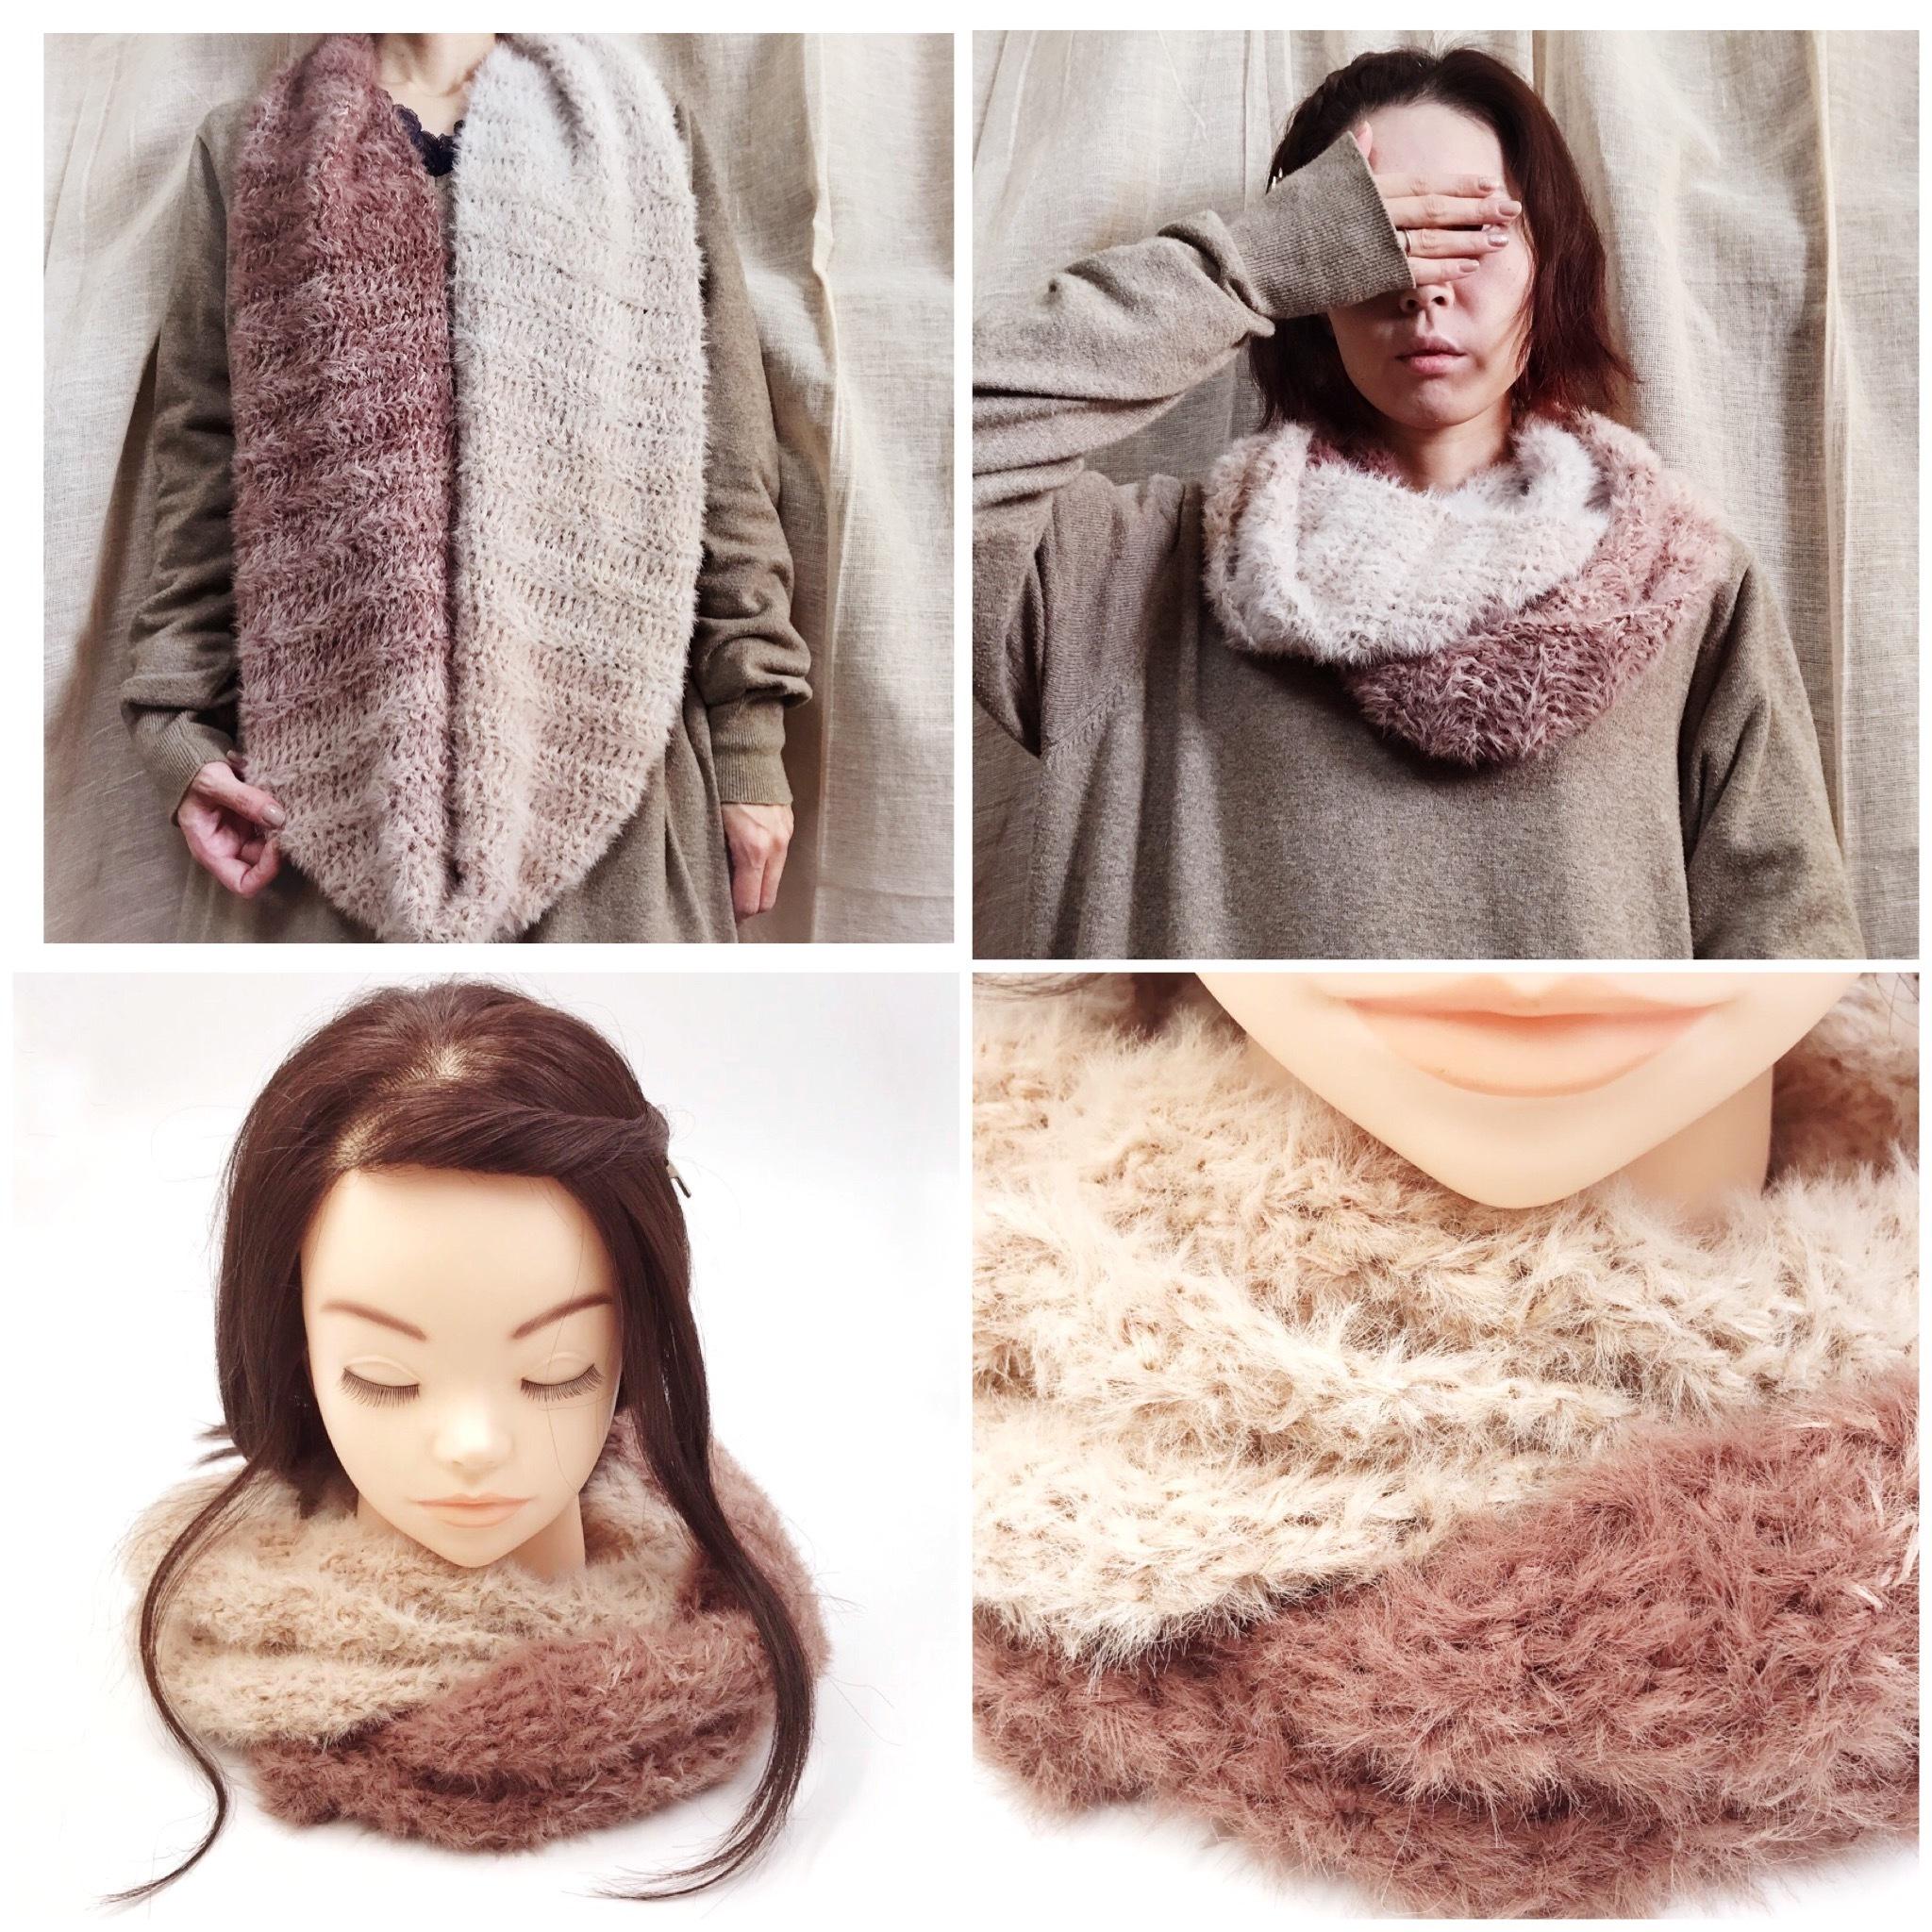 手編み雑貨,HanahanD,スヌード,肌ストレスフリー,冬小物,ファッション小物,あったかグッズ